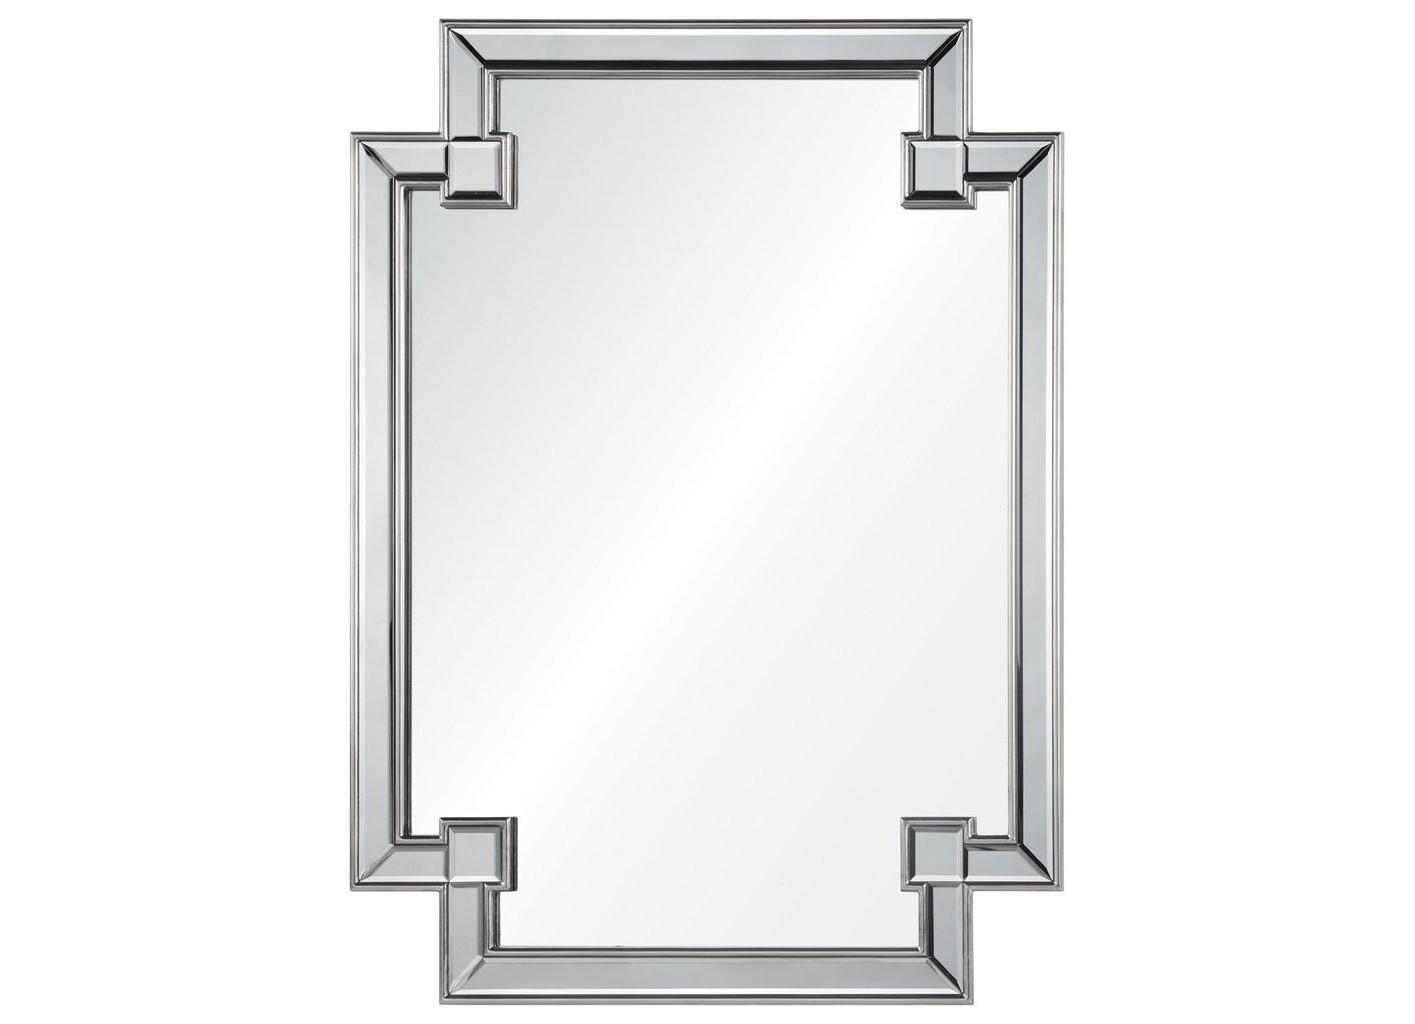 Зеркало ЧестерНастенные зеркала<br>Крепления входят в стоимость.<br><br>Material: Пластик<br>Ширина см: 75<br>Высота см: 100<br>Глубина см: 2